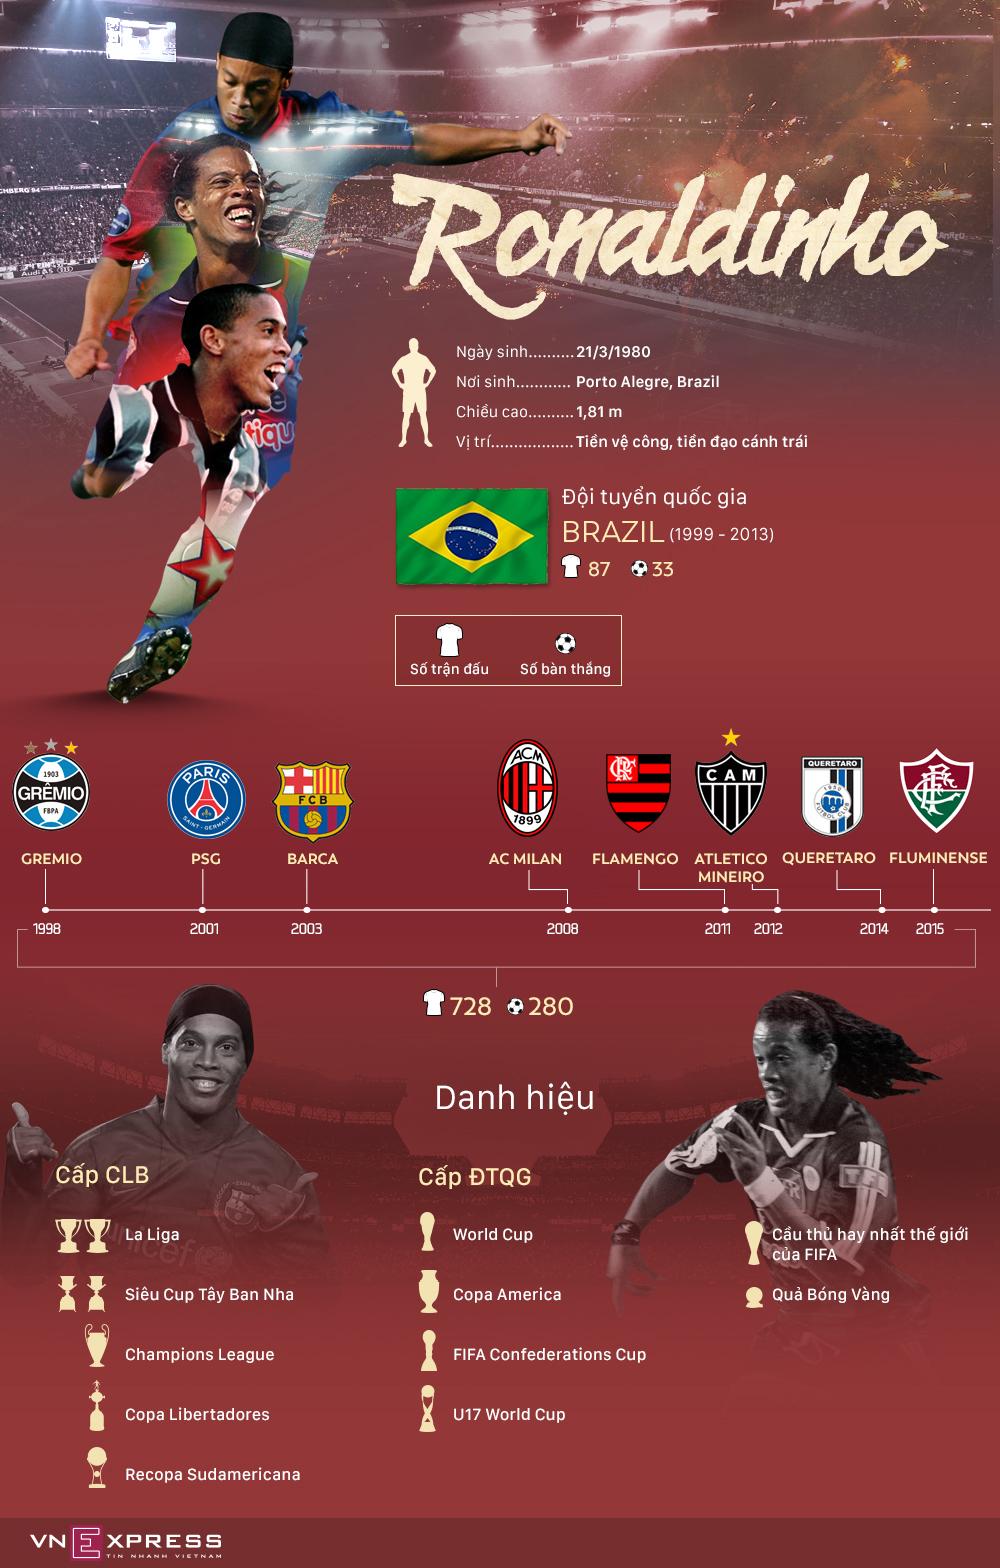 Ronaldinho và chặng đường làm nên huyền thoại